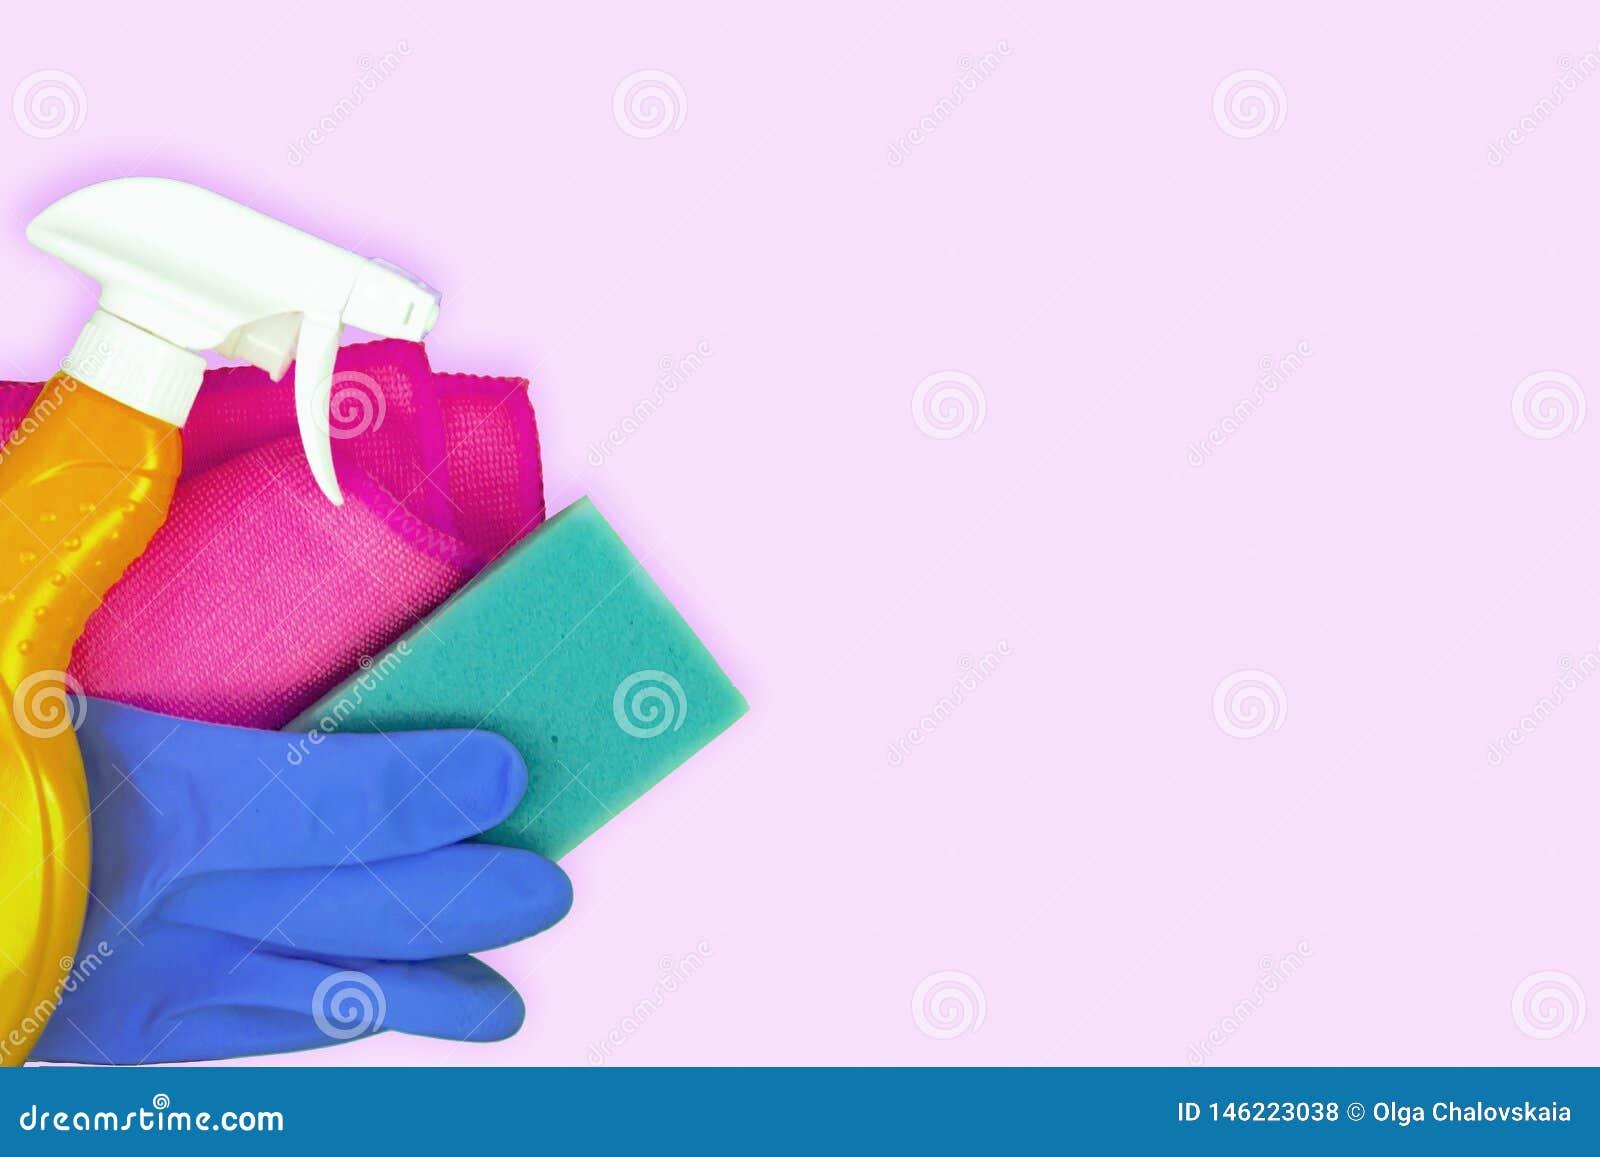 Bunter Reinigungssatz f?r verschiedene Oberfl?chen in der K?che, im Badezimmer und in anderen R?umen